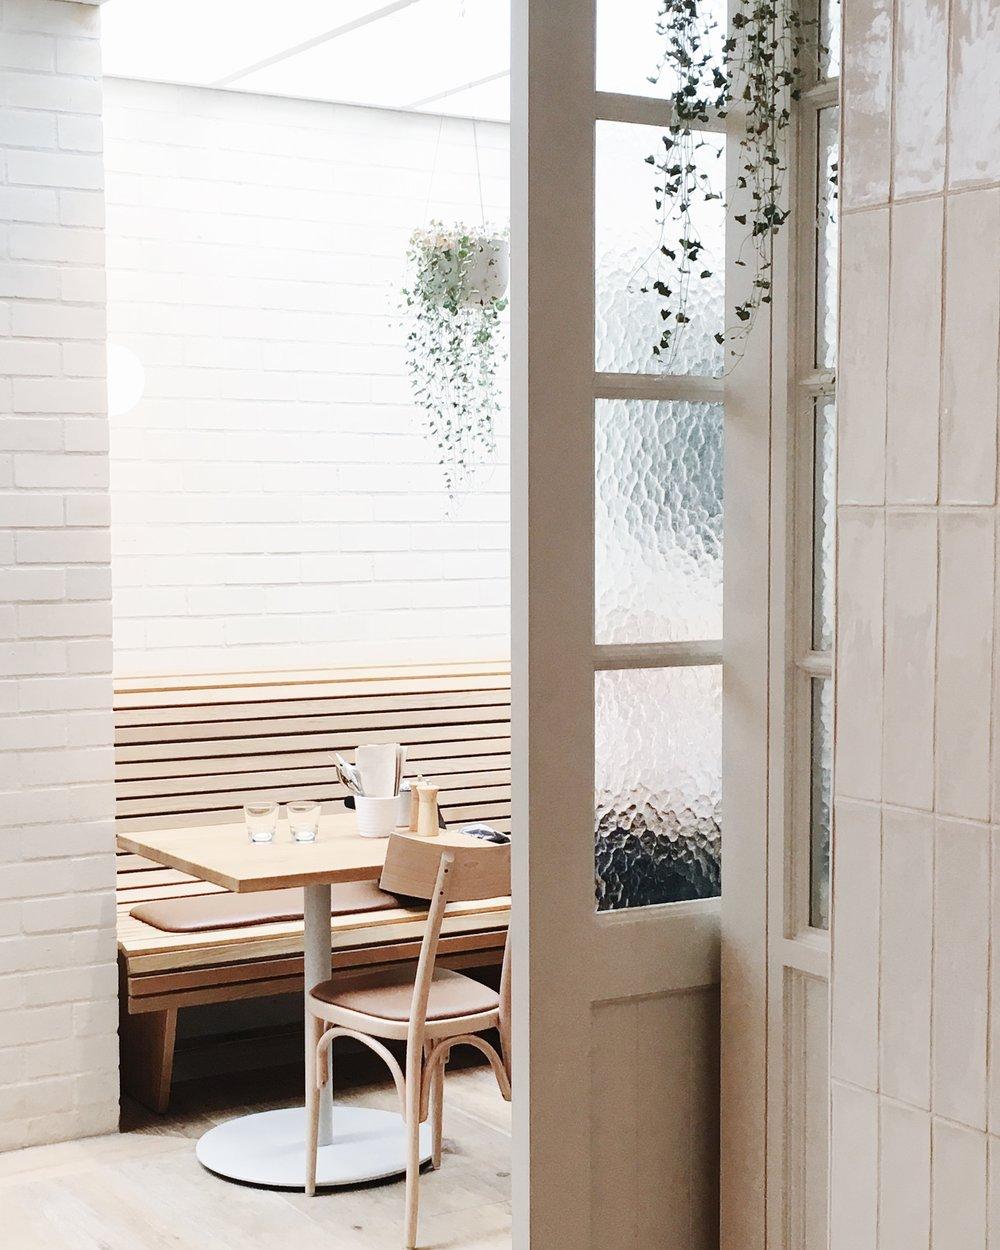 LisaDiederichPhotography_restauranteditorial_8